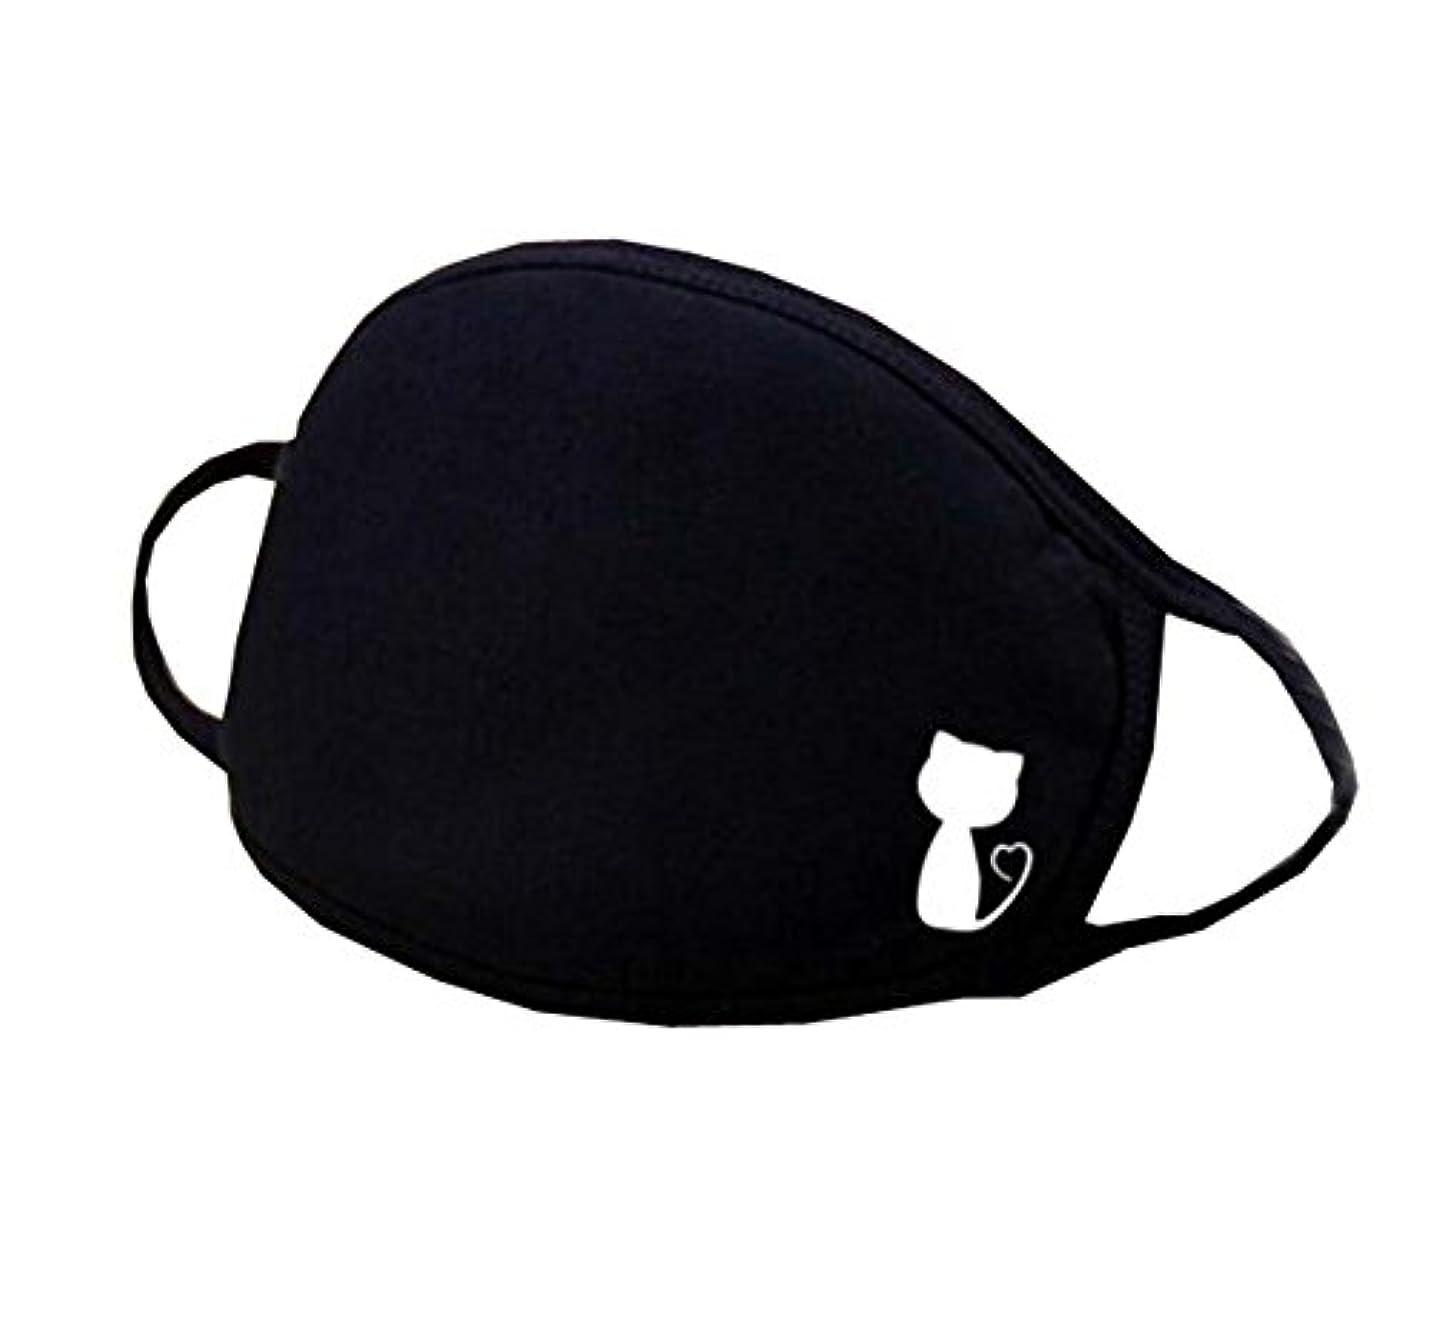 安心嵐流用する口腔マスク、ユニセックスマスク男性用/女性用アンチダストコットンフェイスマスク(2個)、A8